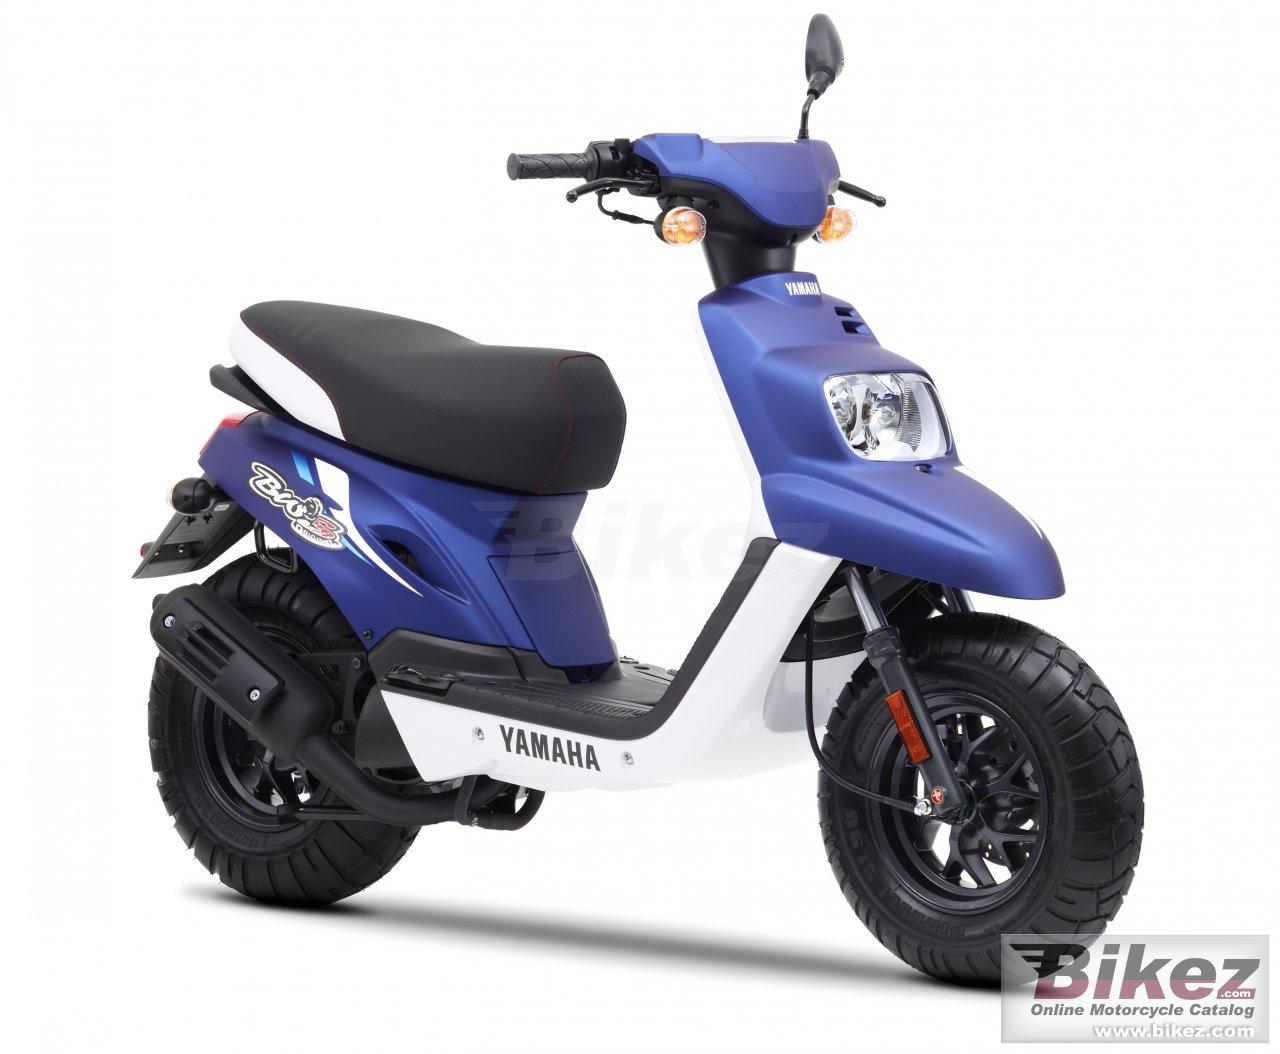 Yamaha Bws Specs